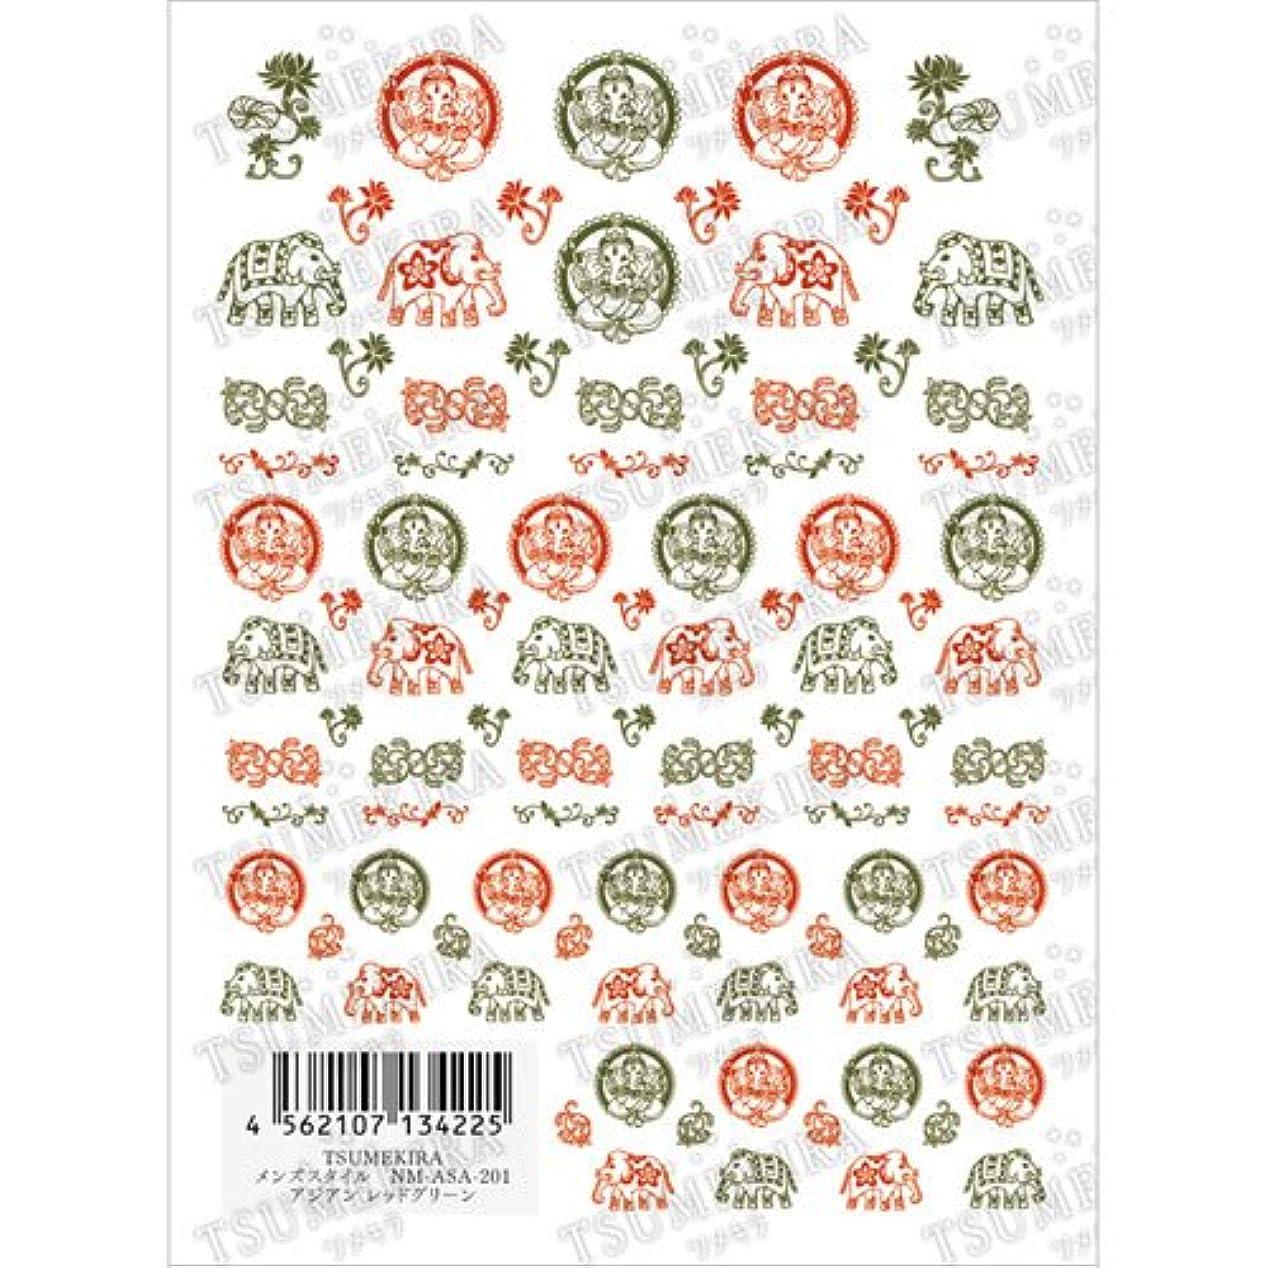 ビスケットバリケード主張ツメキラ ネイル用シール メンズスタイル アジアン レッドグリーン